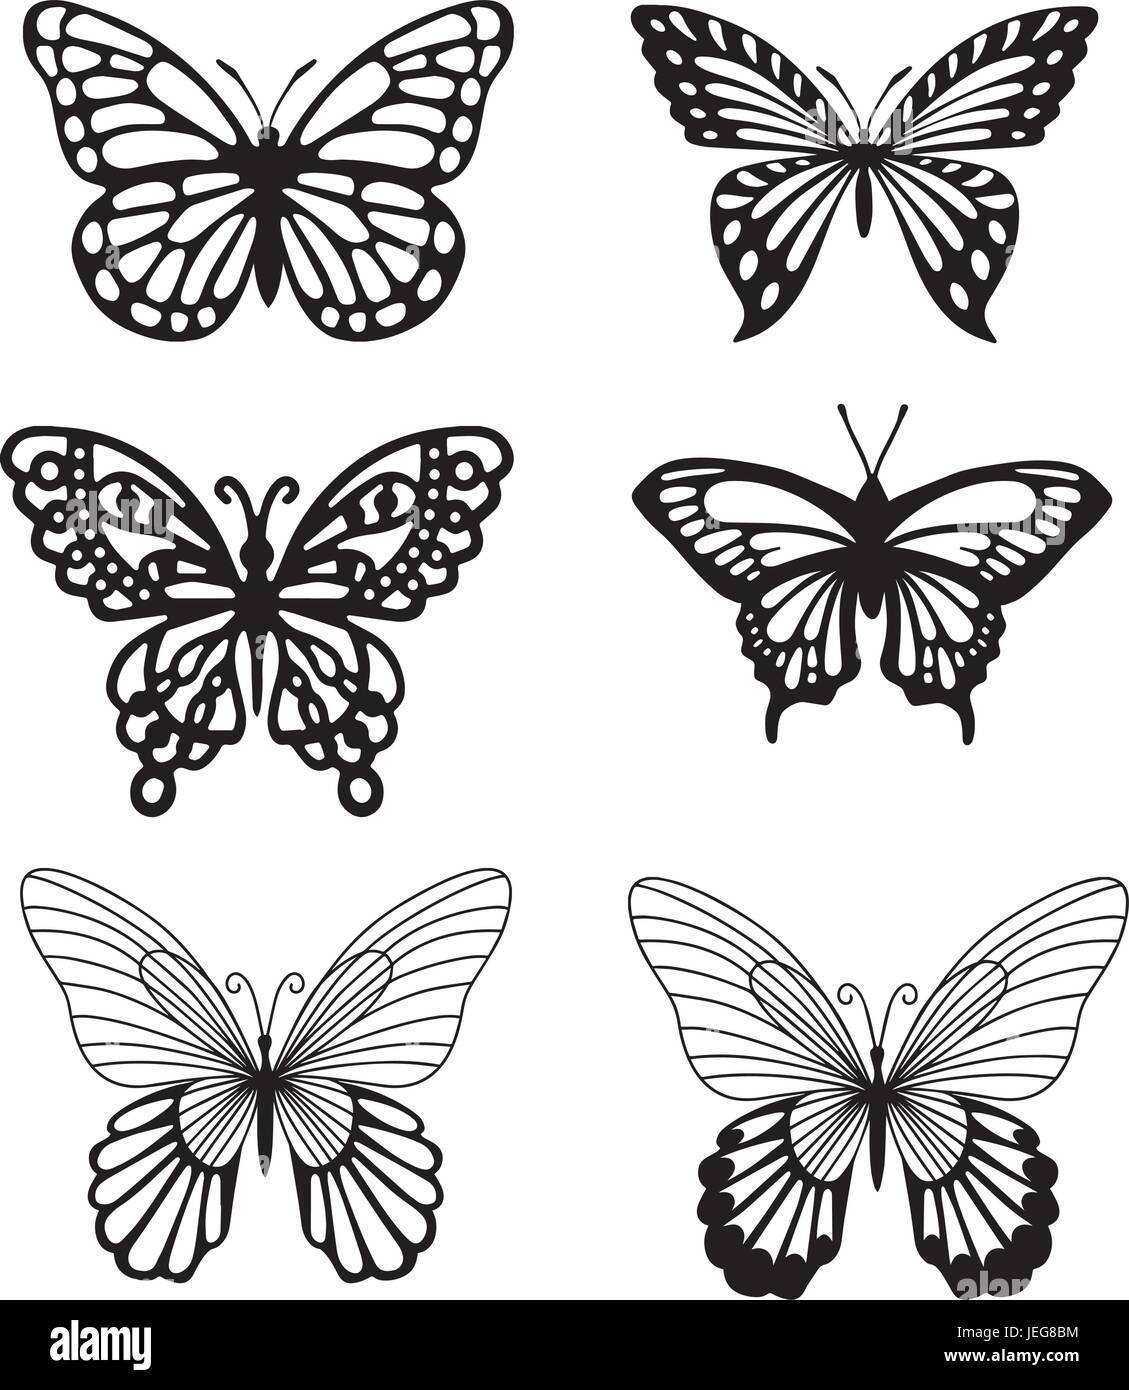 Silhouette en noir et blanc de papillons. Photo Stock